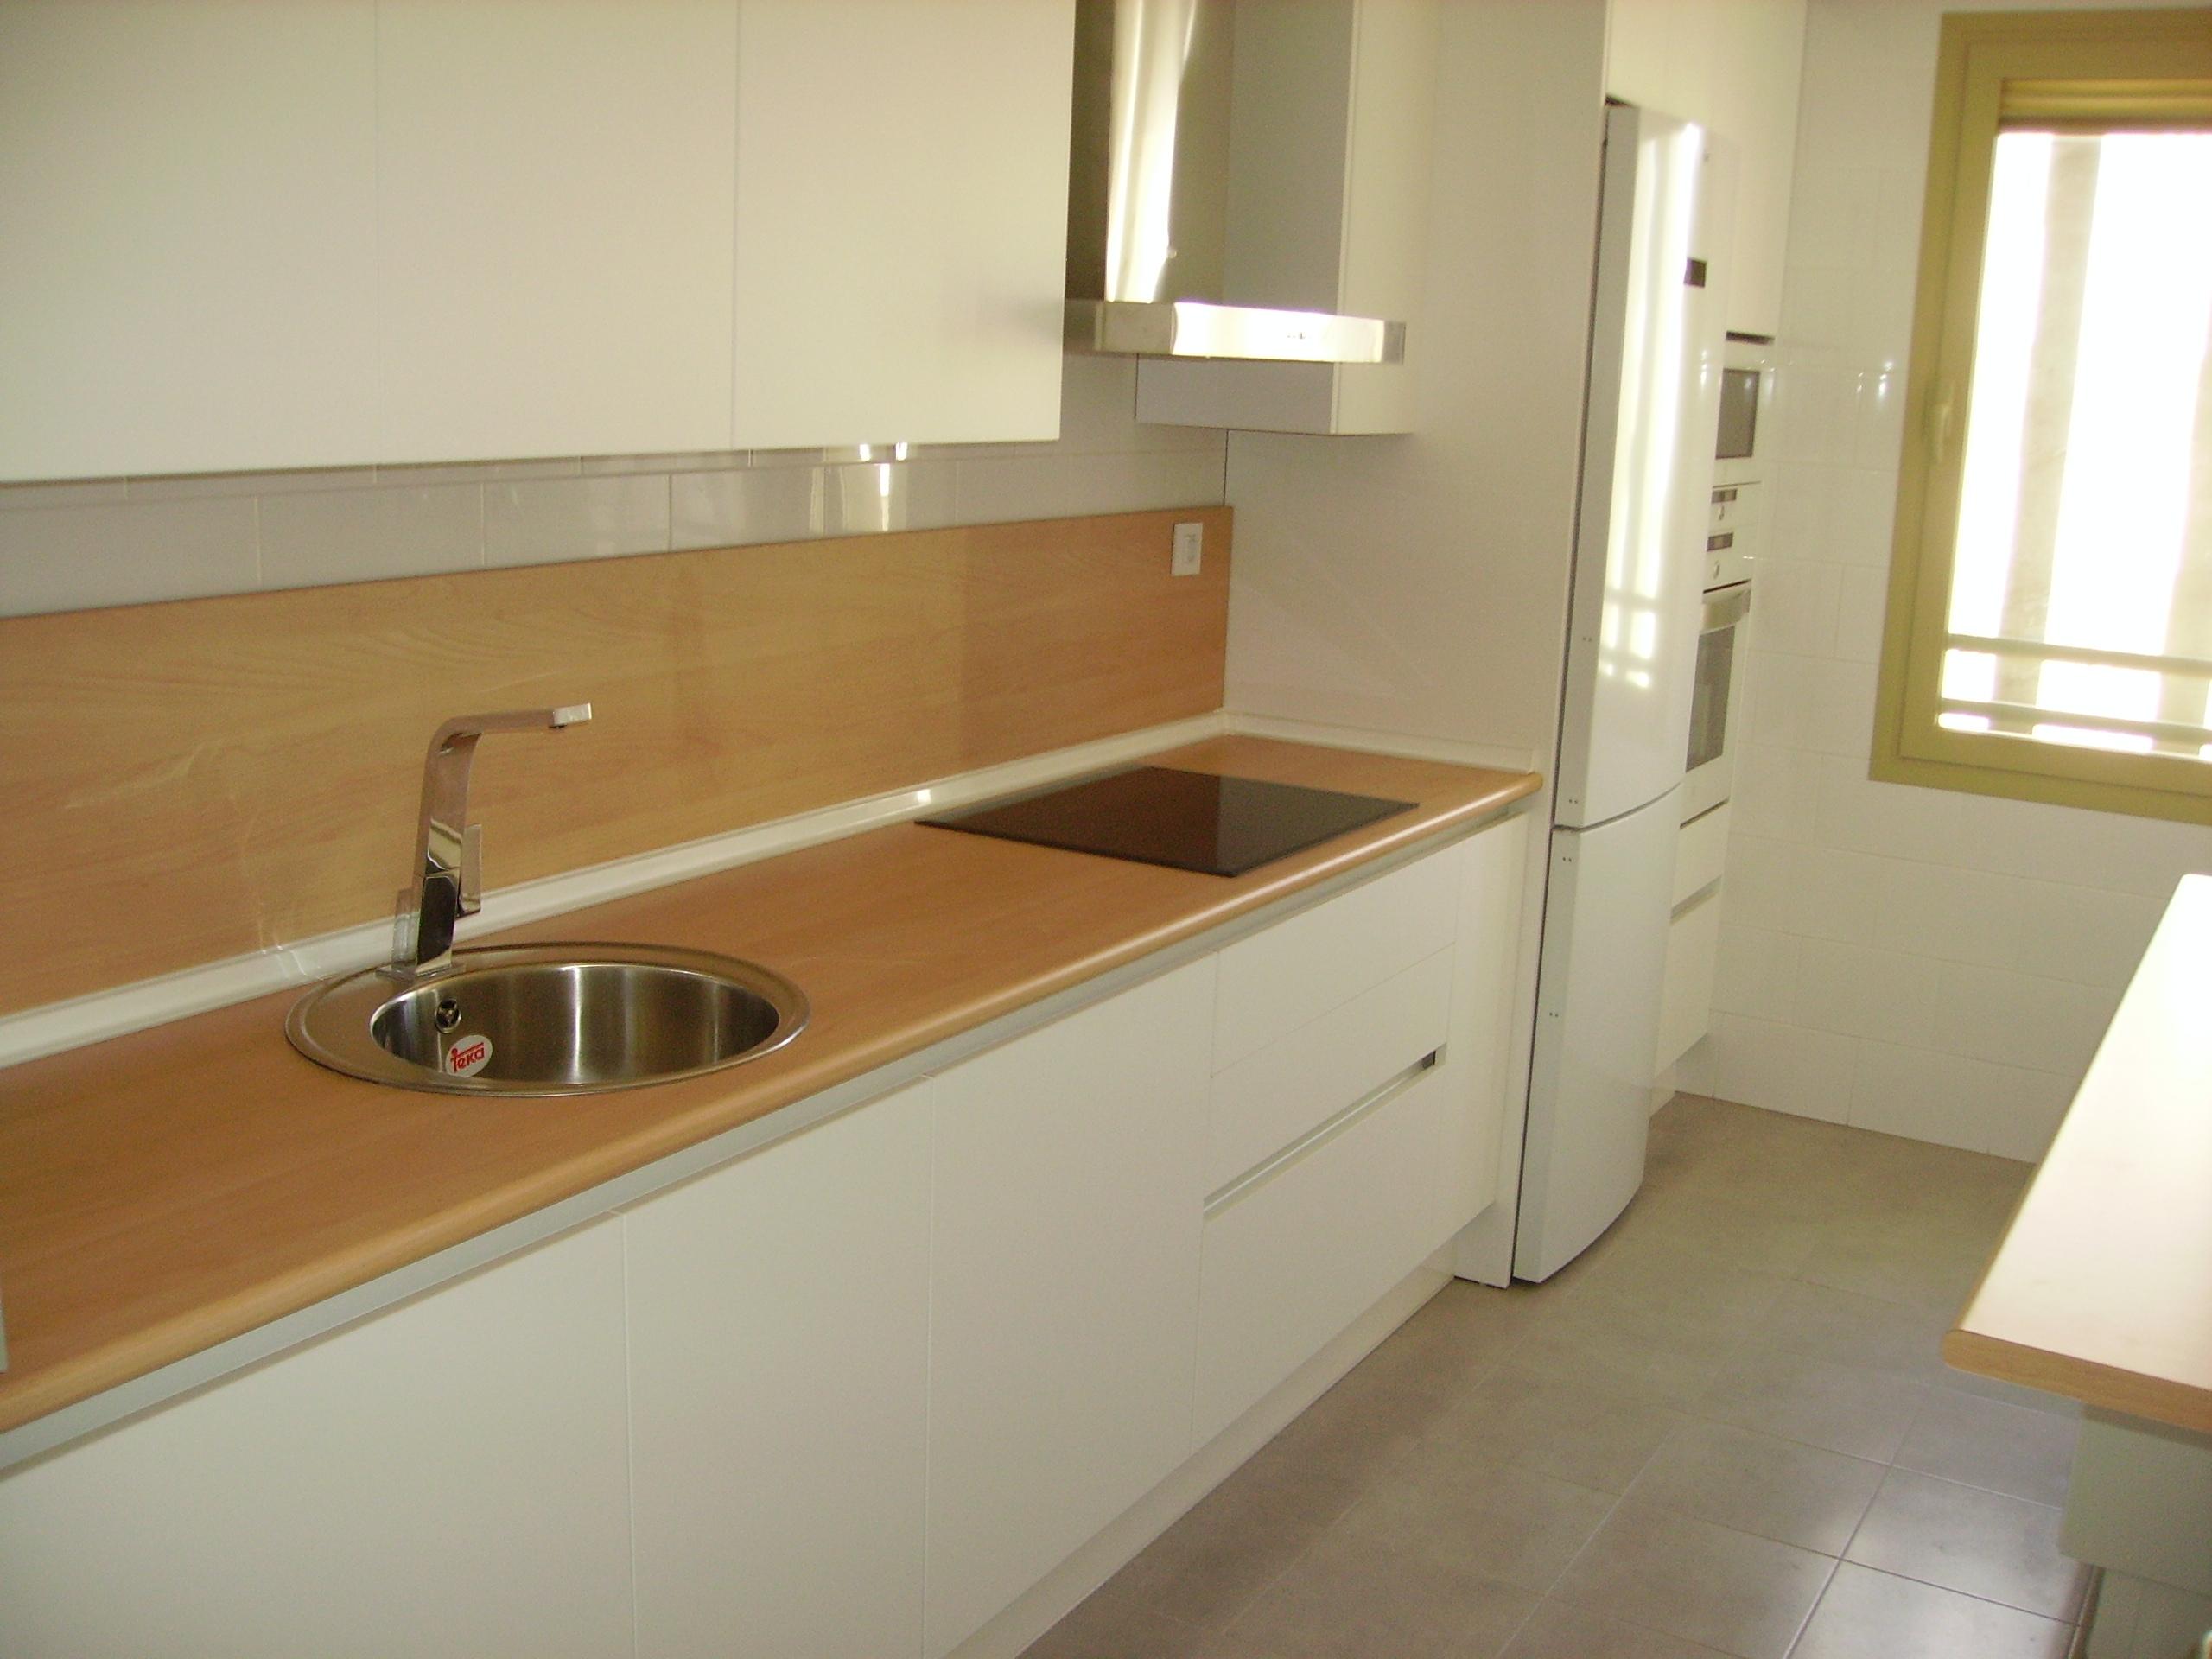 Nuestras cocinas selecci n cocinas tienda de cocinas for Formica madera